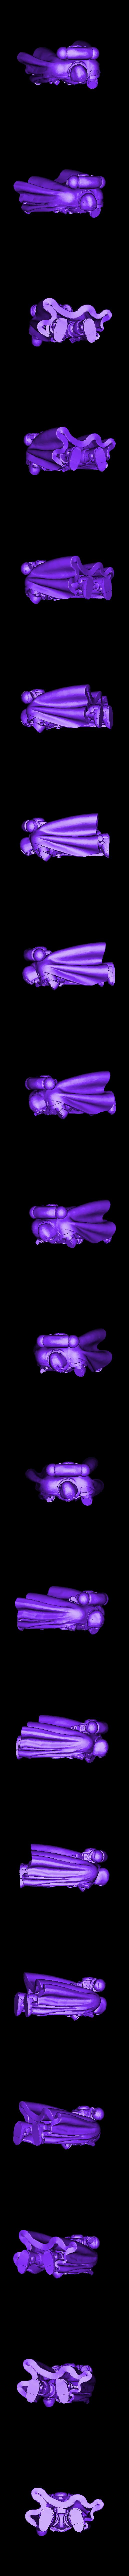 eliminator_body_fixed.stl Download free STL file Eliminator sniper #1 • Design to 3D print, KarnageKing